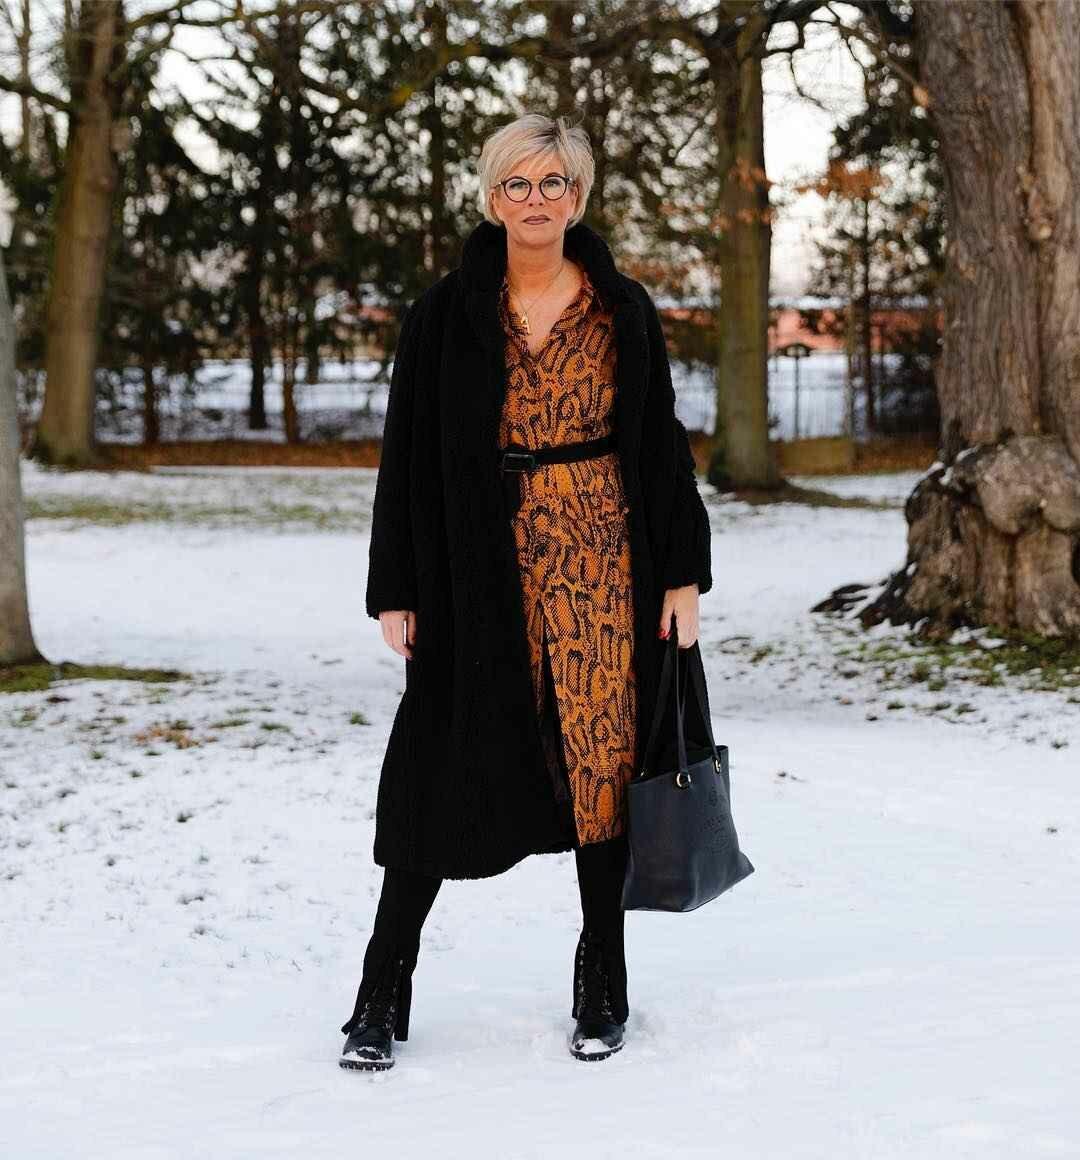 В таком платье вы мигом скинете пару-тройку лет.  /Фото: pix-feed.com